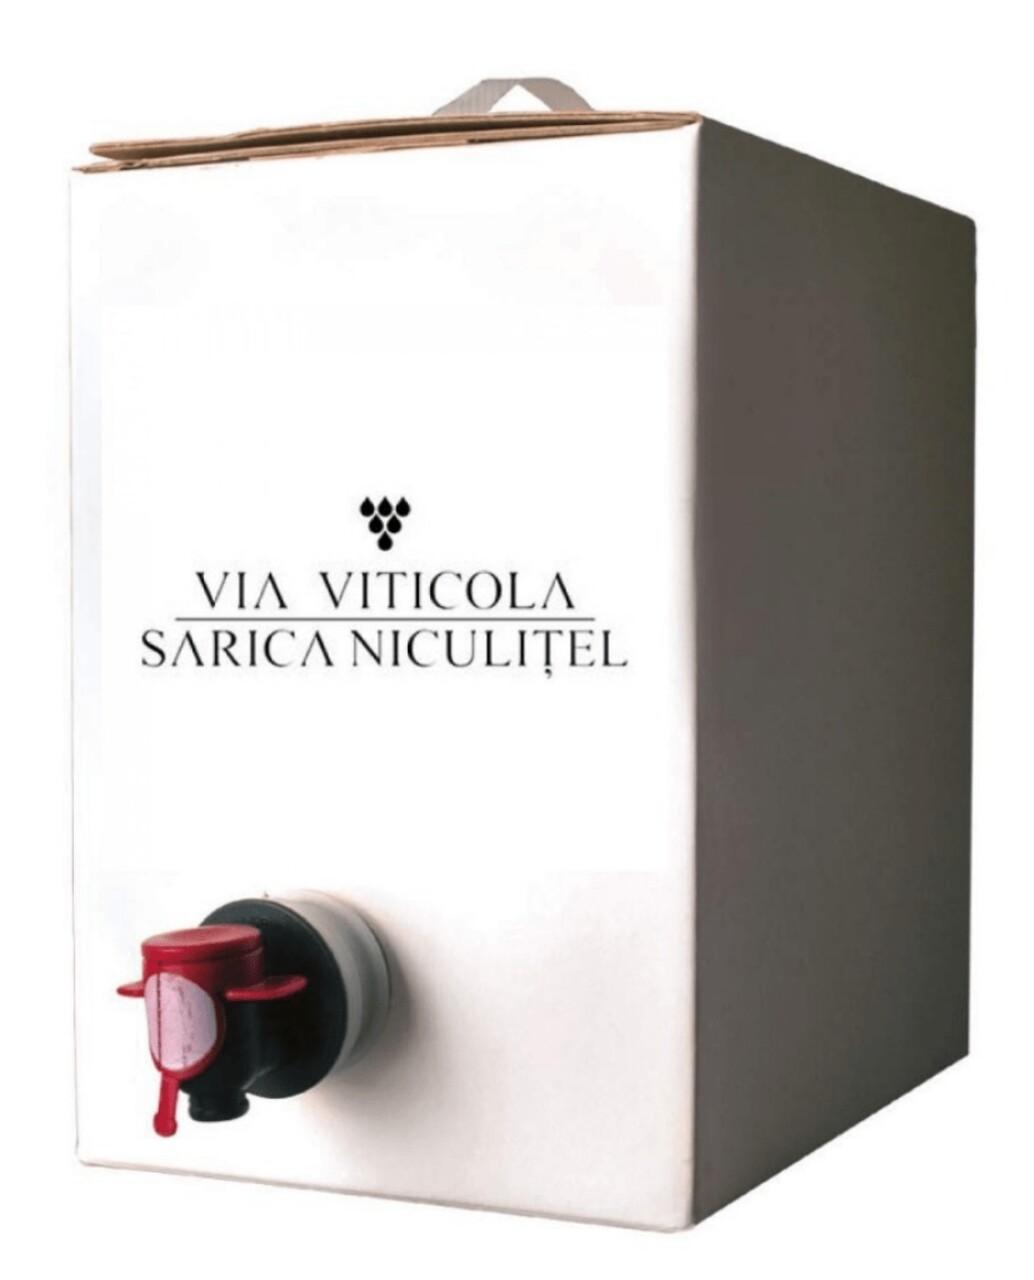 Sarica Niculitel Premium Rose BIB 10L